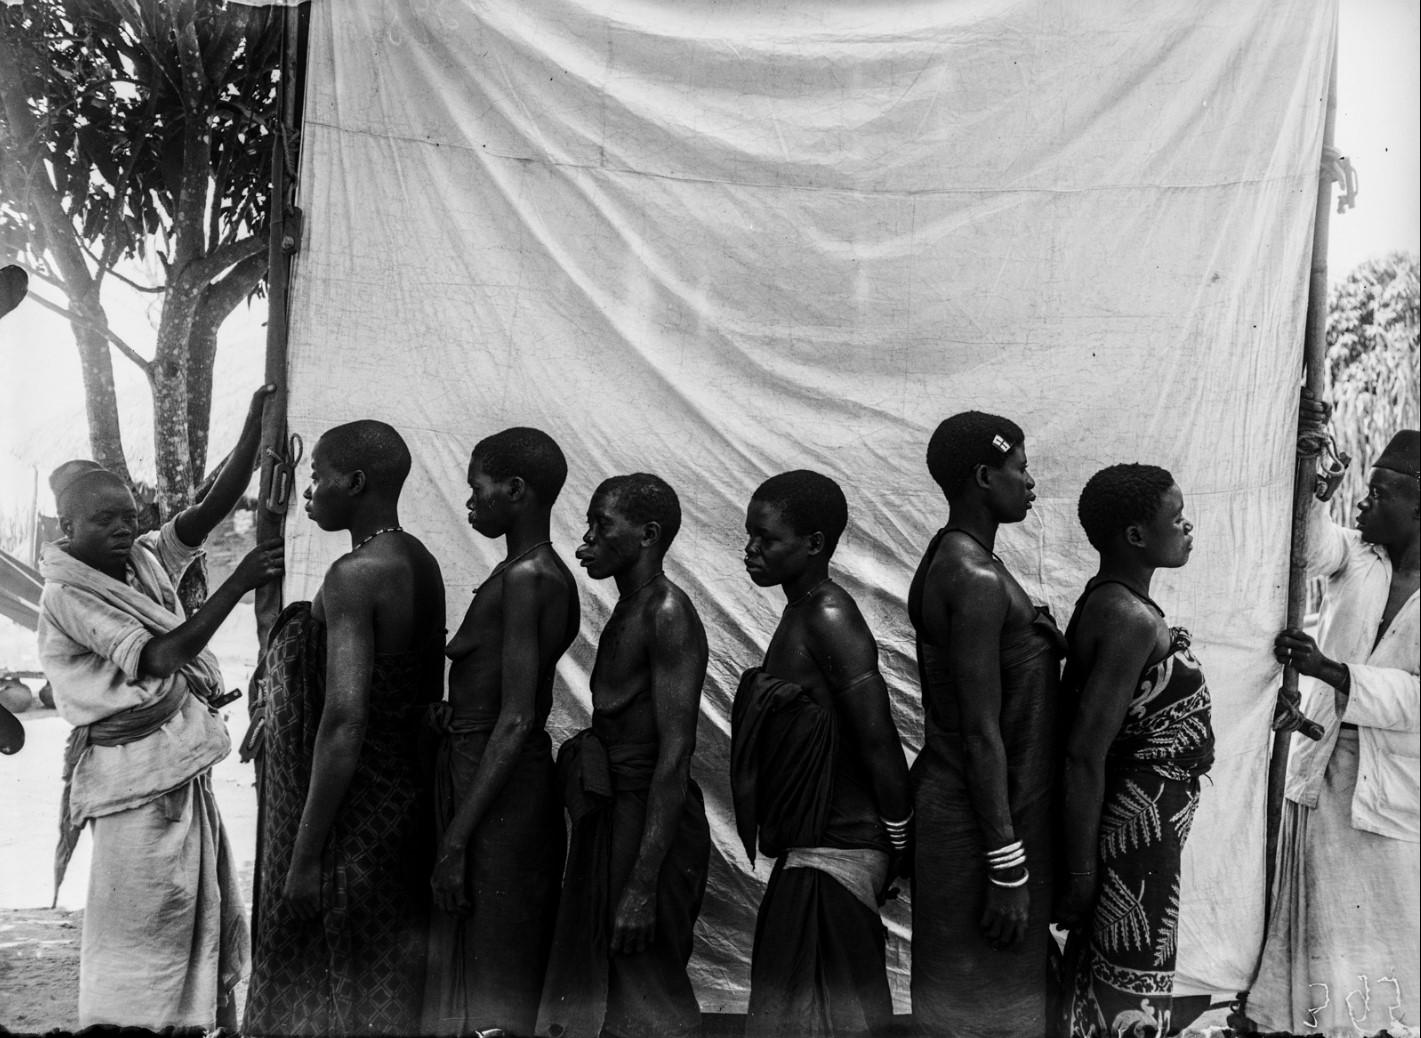 33. Антропометрическое изображение шести женщин макуа